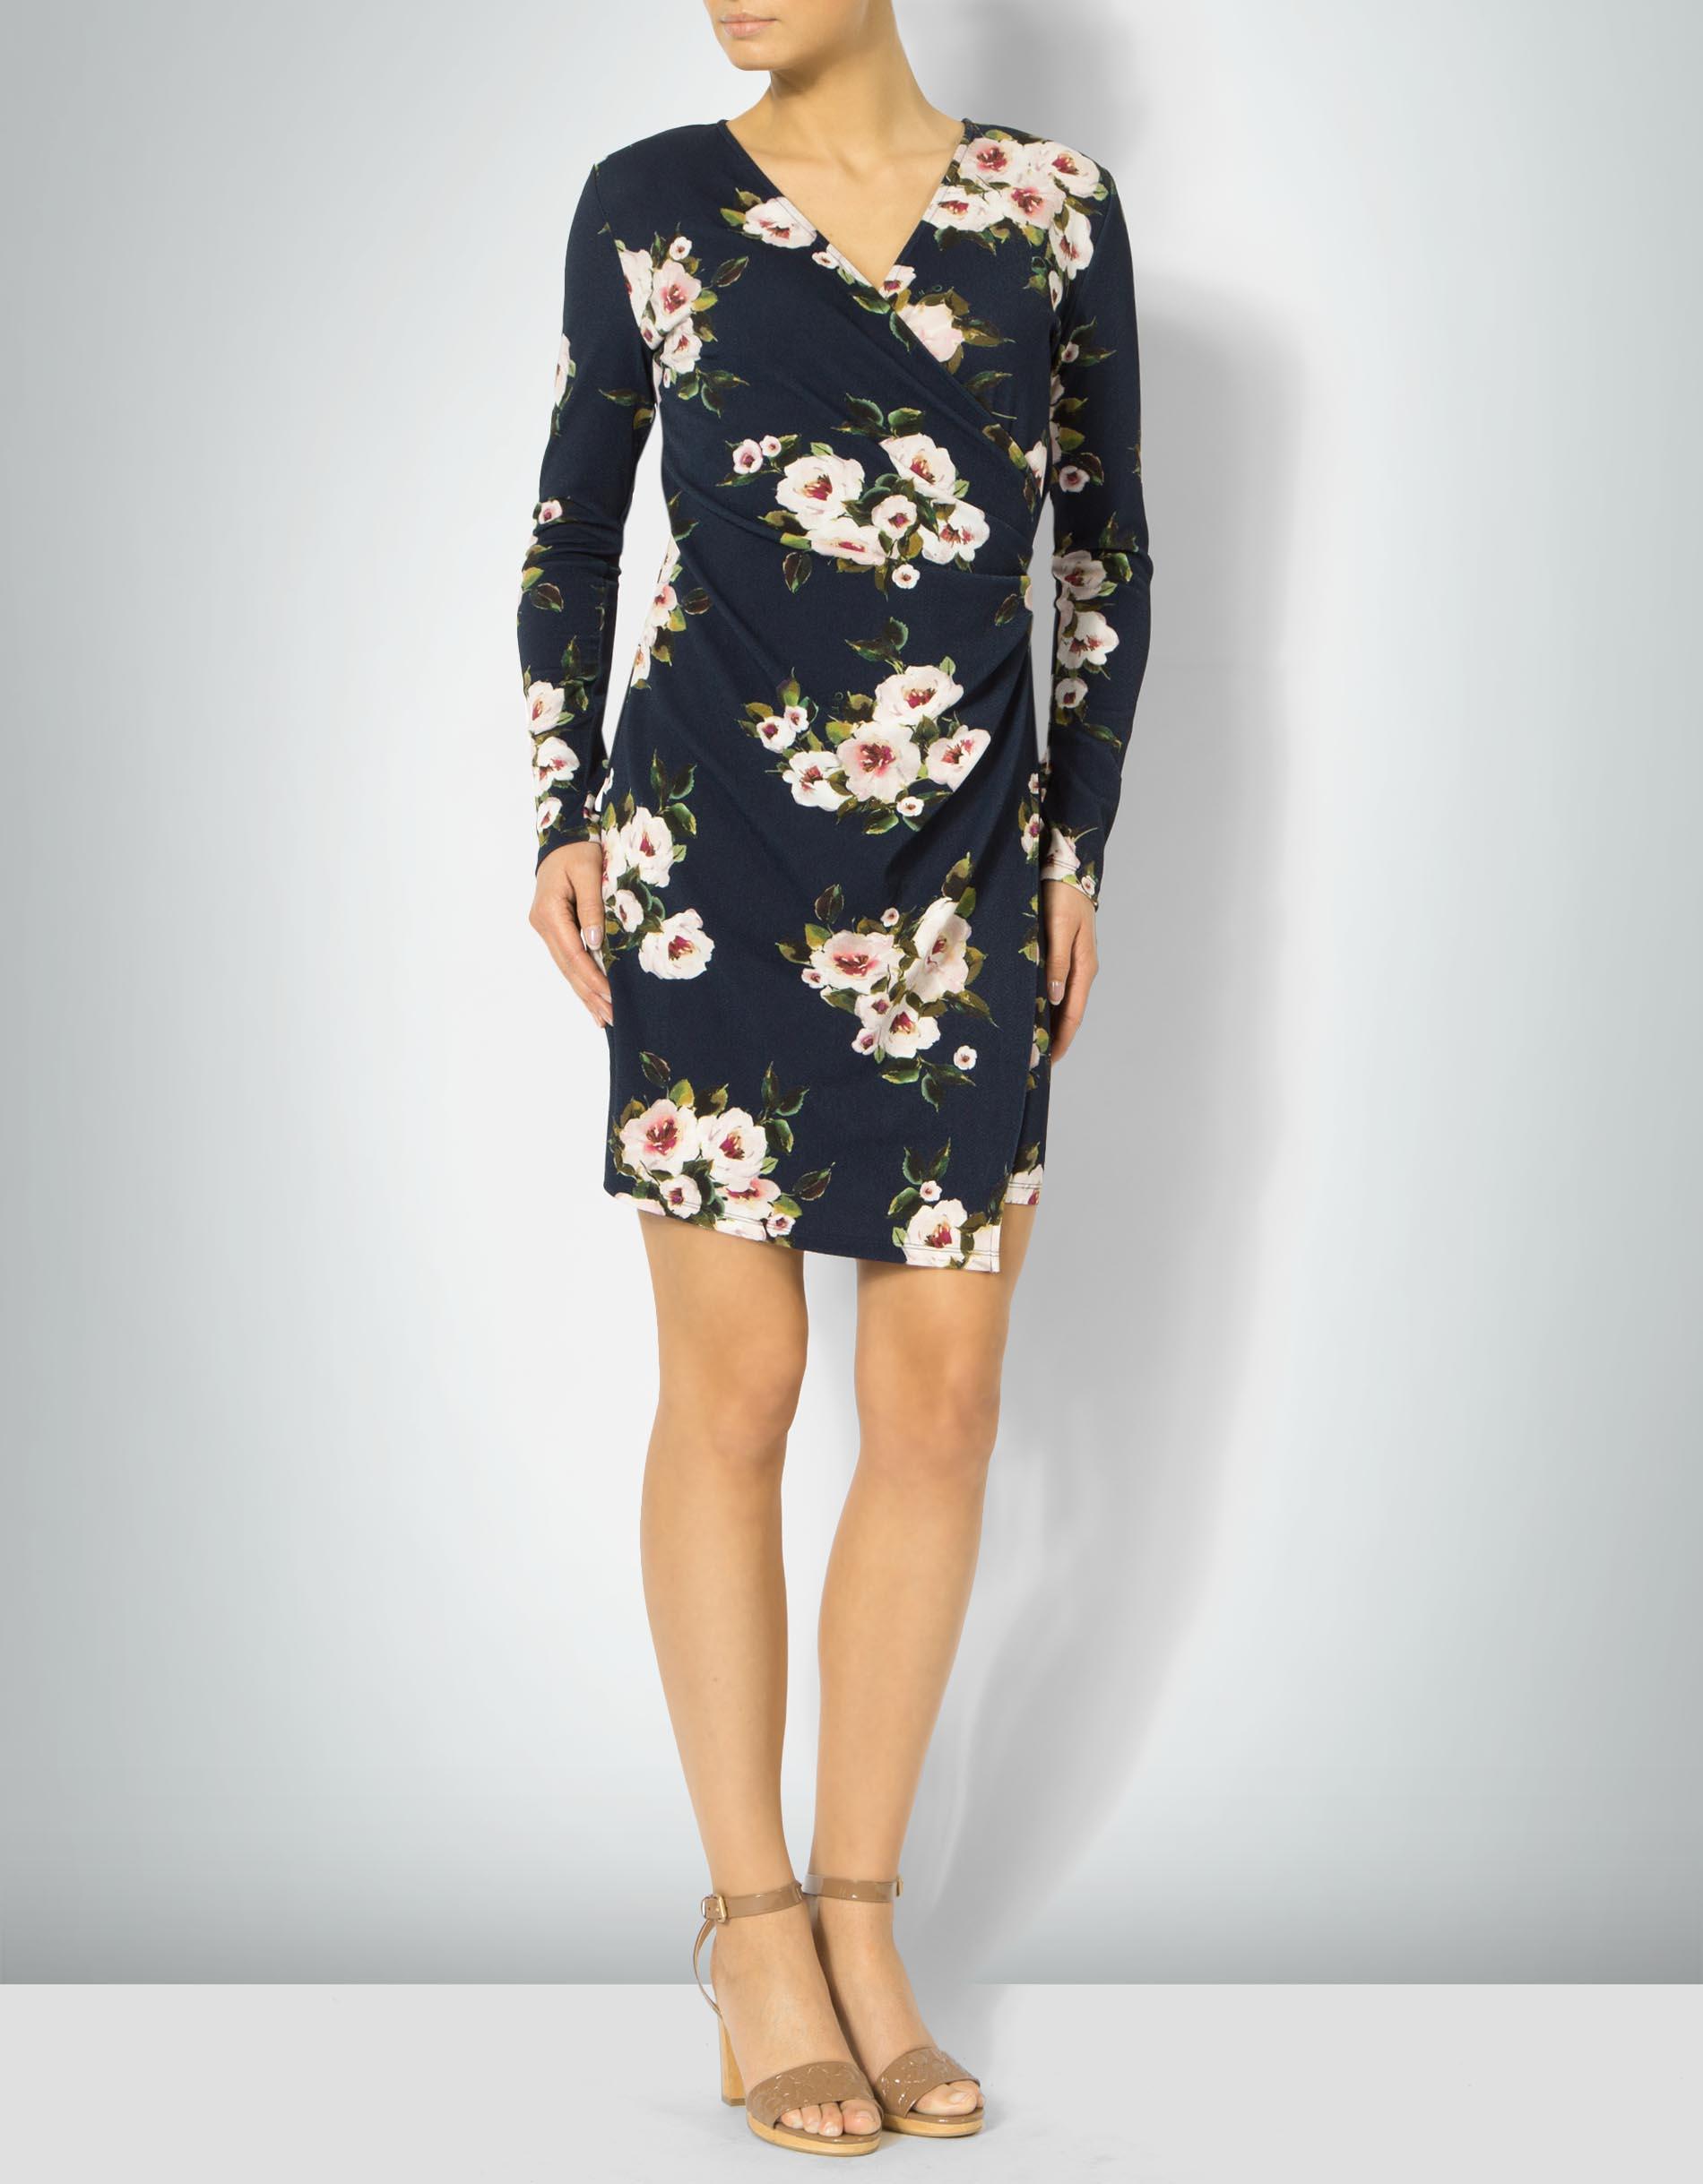 liu jo damen kleid mit floralem print empfohlen von deinen. Black Bedroom Furniture Sets. Home Design Ideas